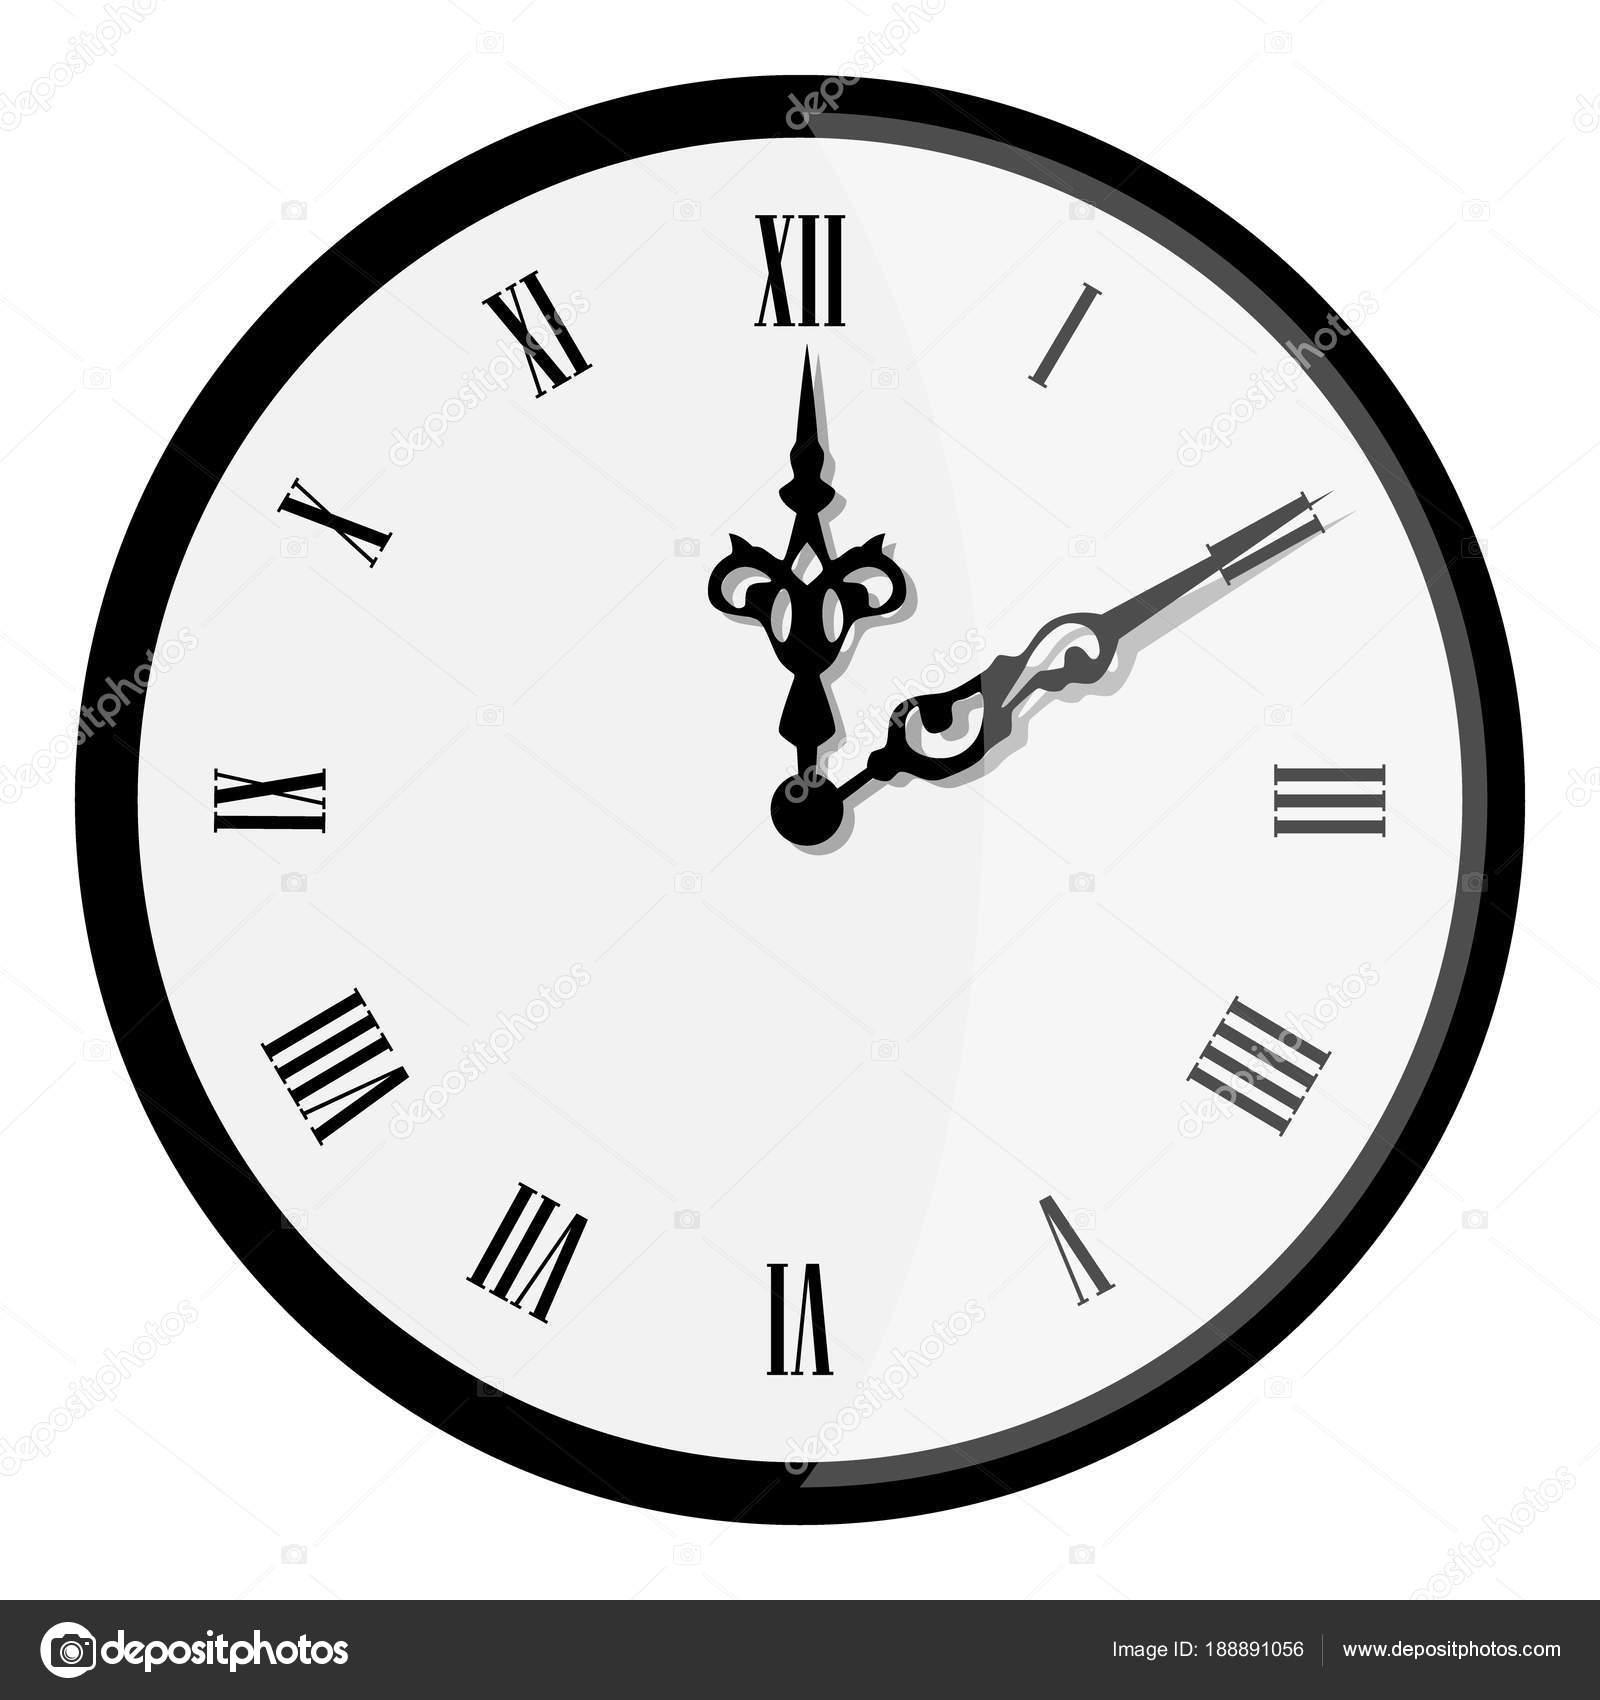 39f34e4f76 Raster ilustração elegante relógio de parede com ponteiro de horas vintage  isolado no fundo branco. Relógio parede mostra 08:00. Relógio de numeral  romano ...